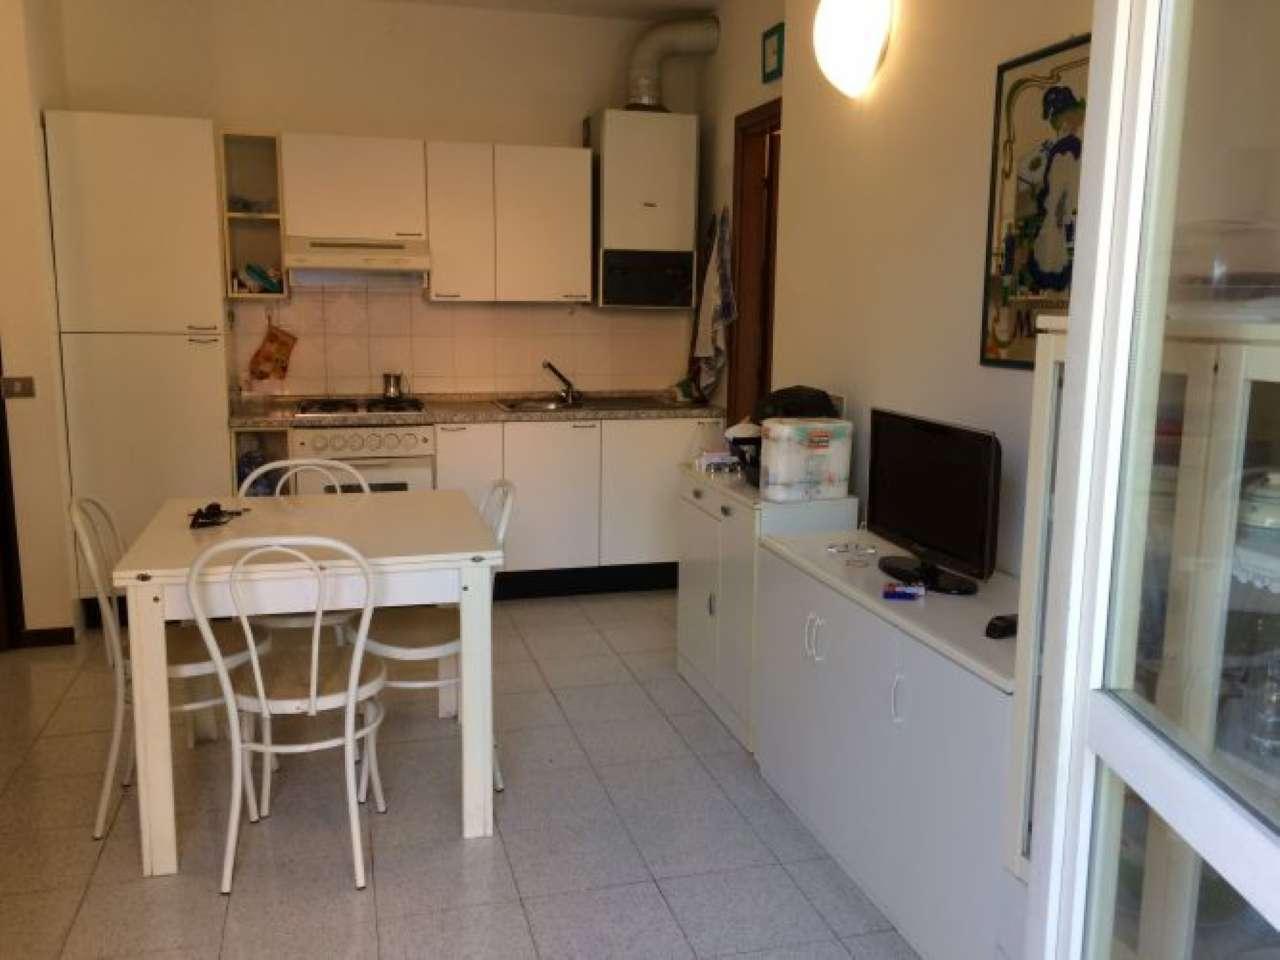 Appartamento in vendita a Ameglia, 2 locali, prezzo € 120.000 | PortaleAgenzieImmobiliari.it